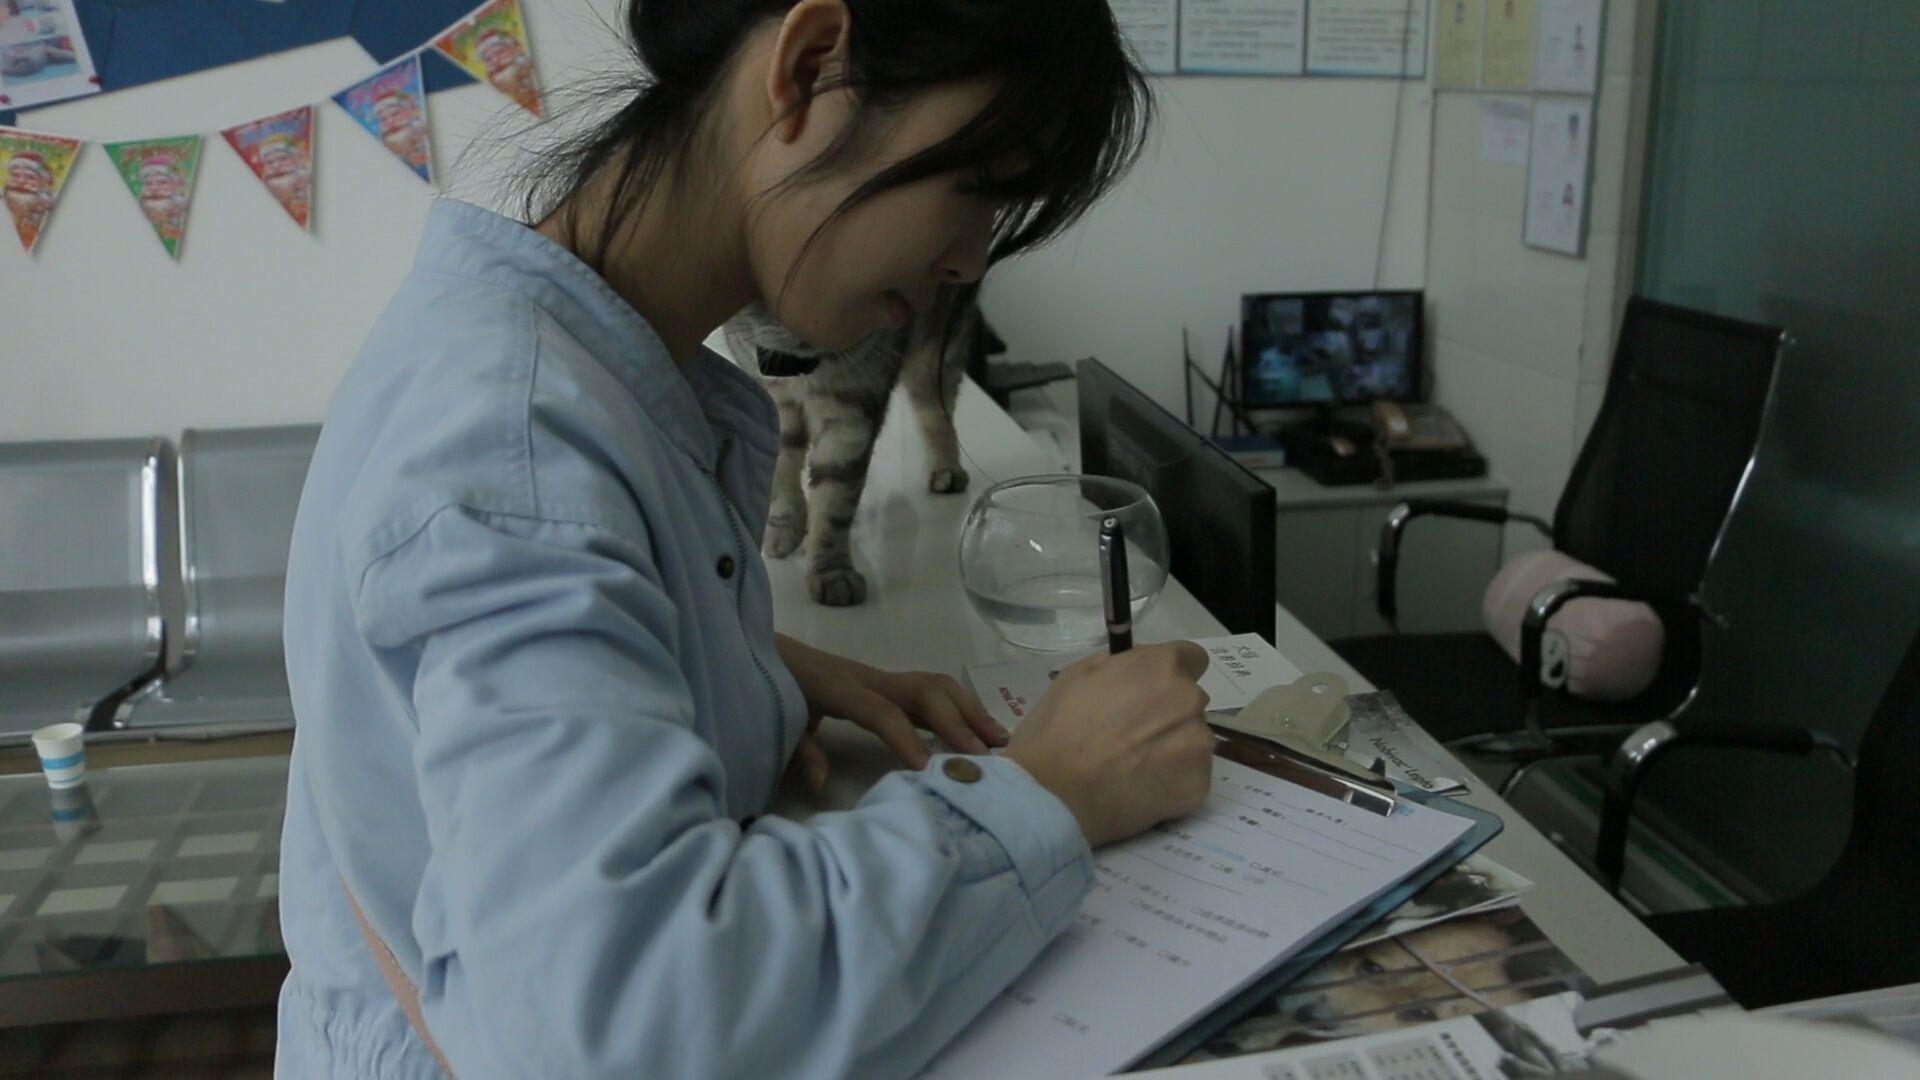 猫咪被绝育,女主人悲痛欲绝全程记录,竟然做成搞笑记录片